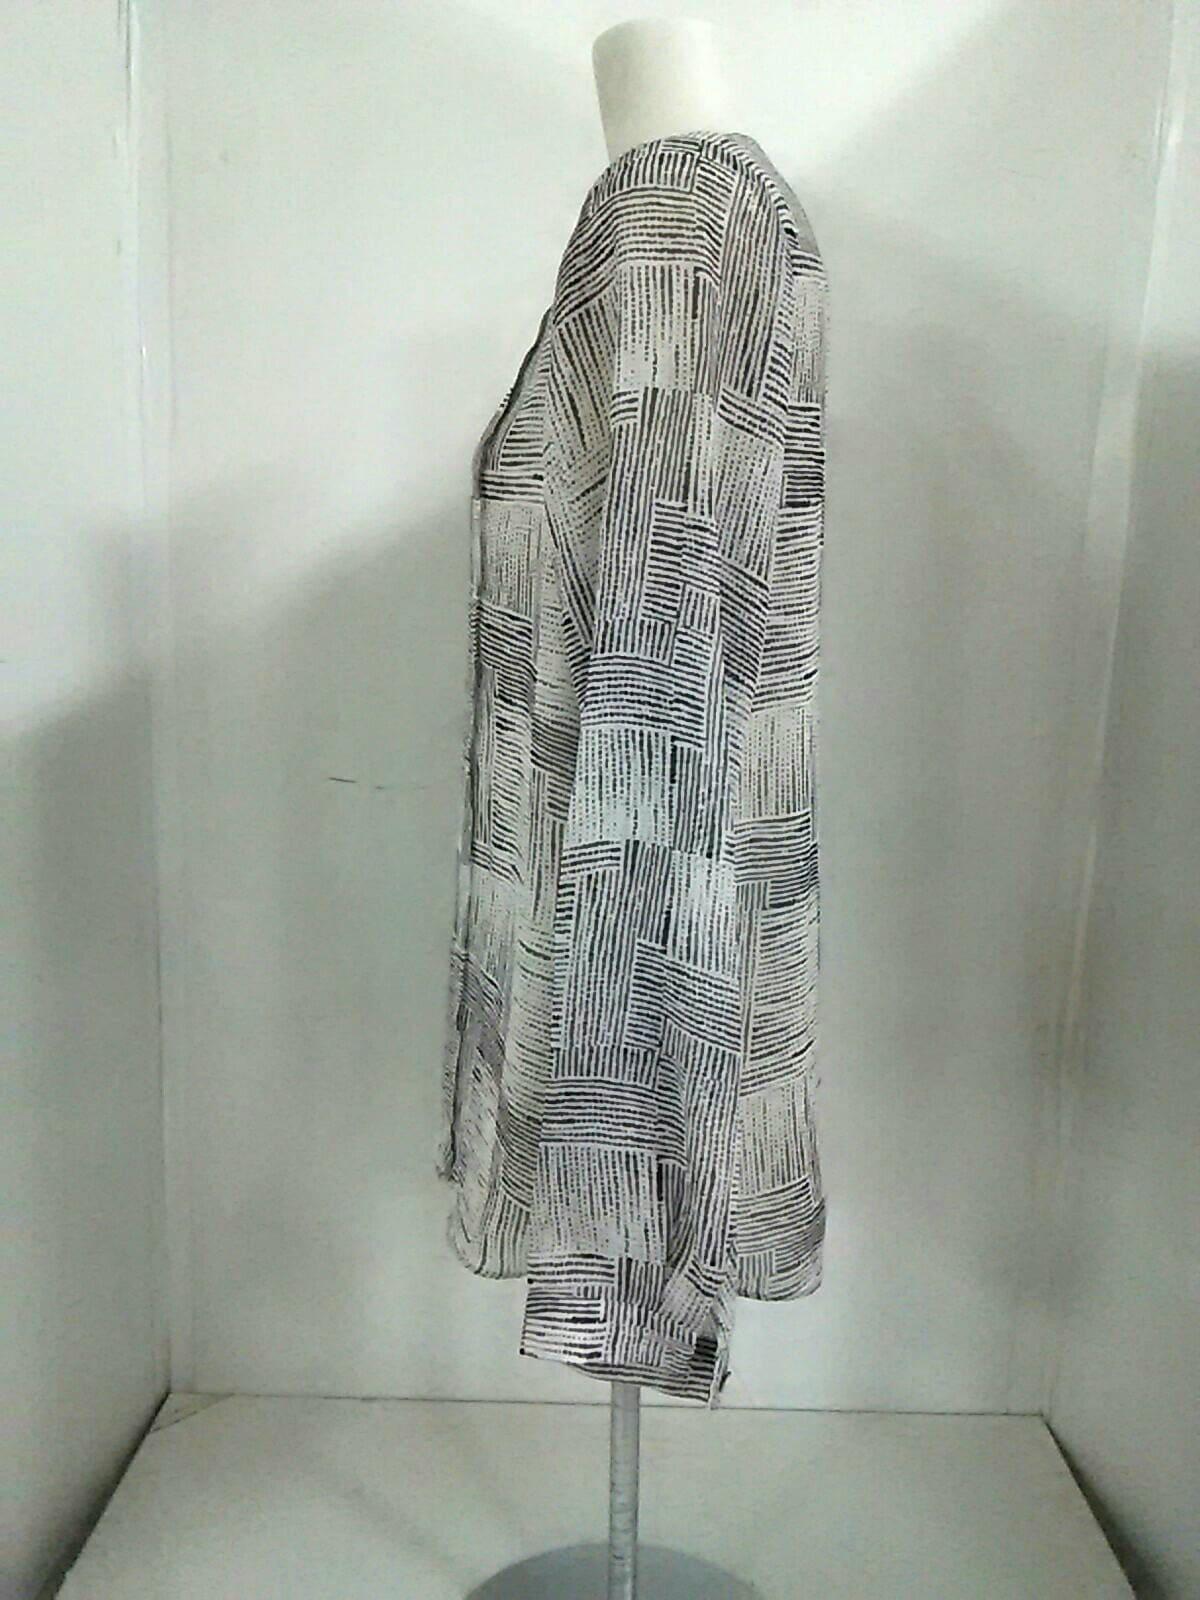 GALLARDAGALANTE(ガリャルダガランテ)のシャツブラウス